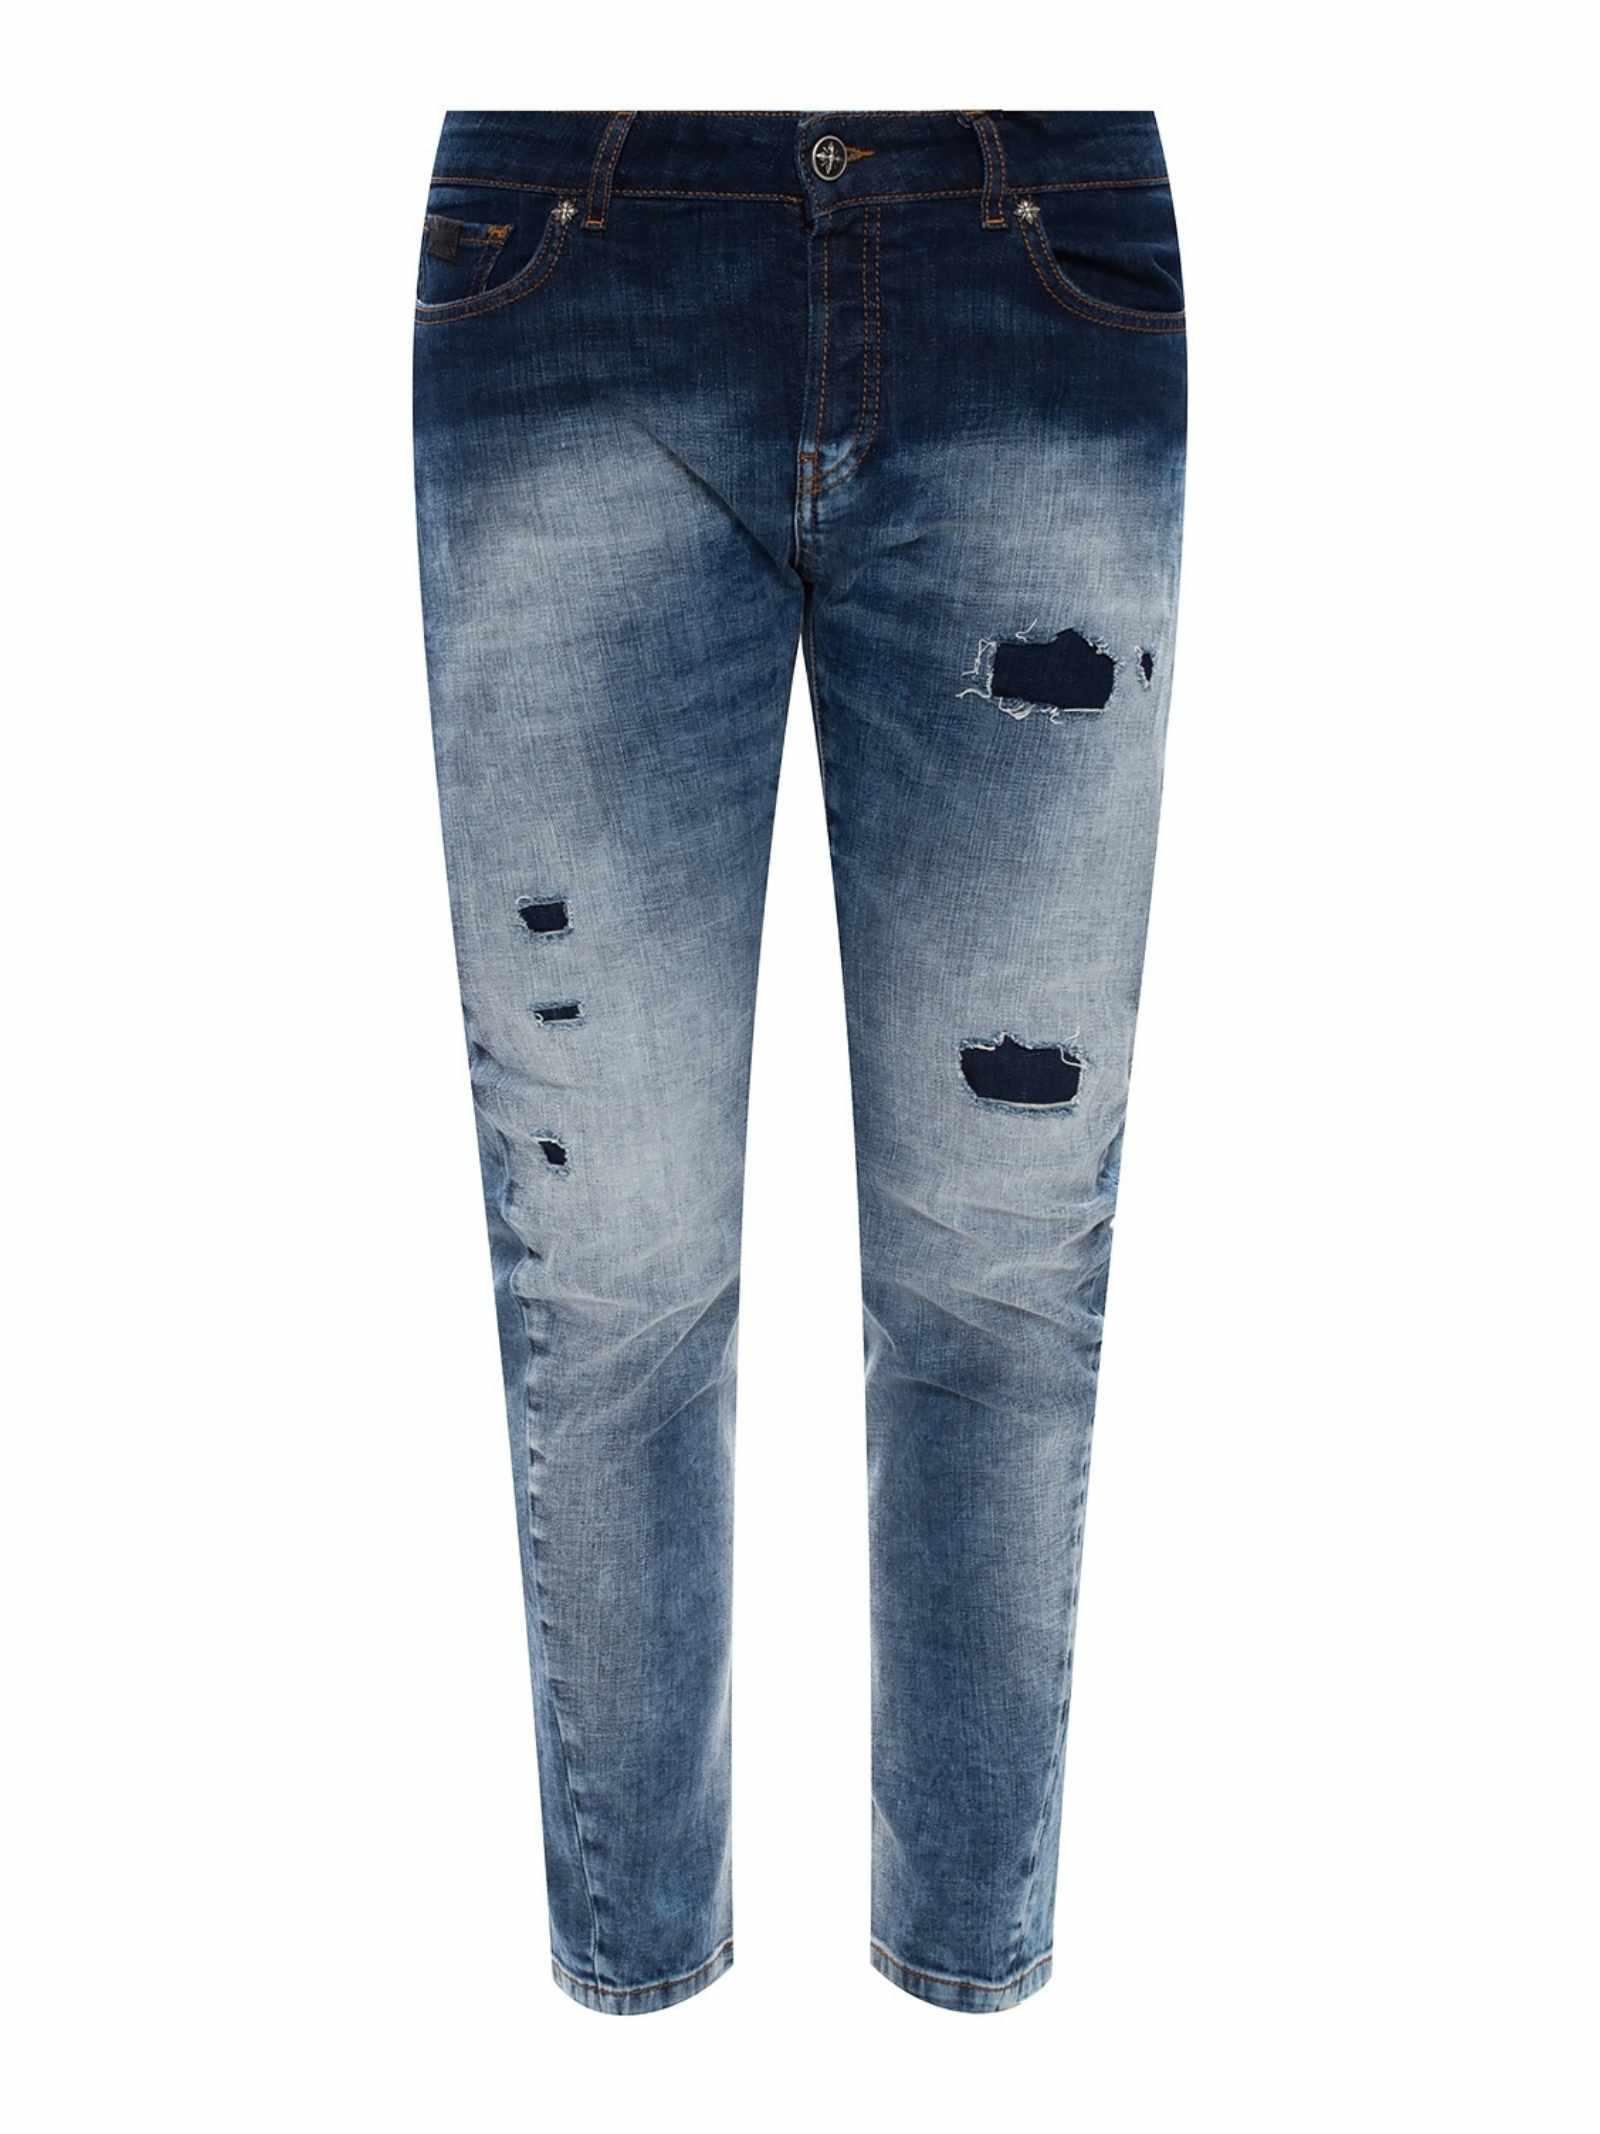 RICHMOND   Jeans   RMP21128JE9GD.BLUE_LIG